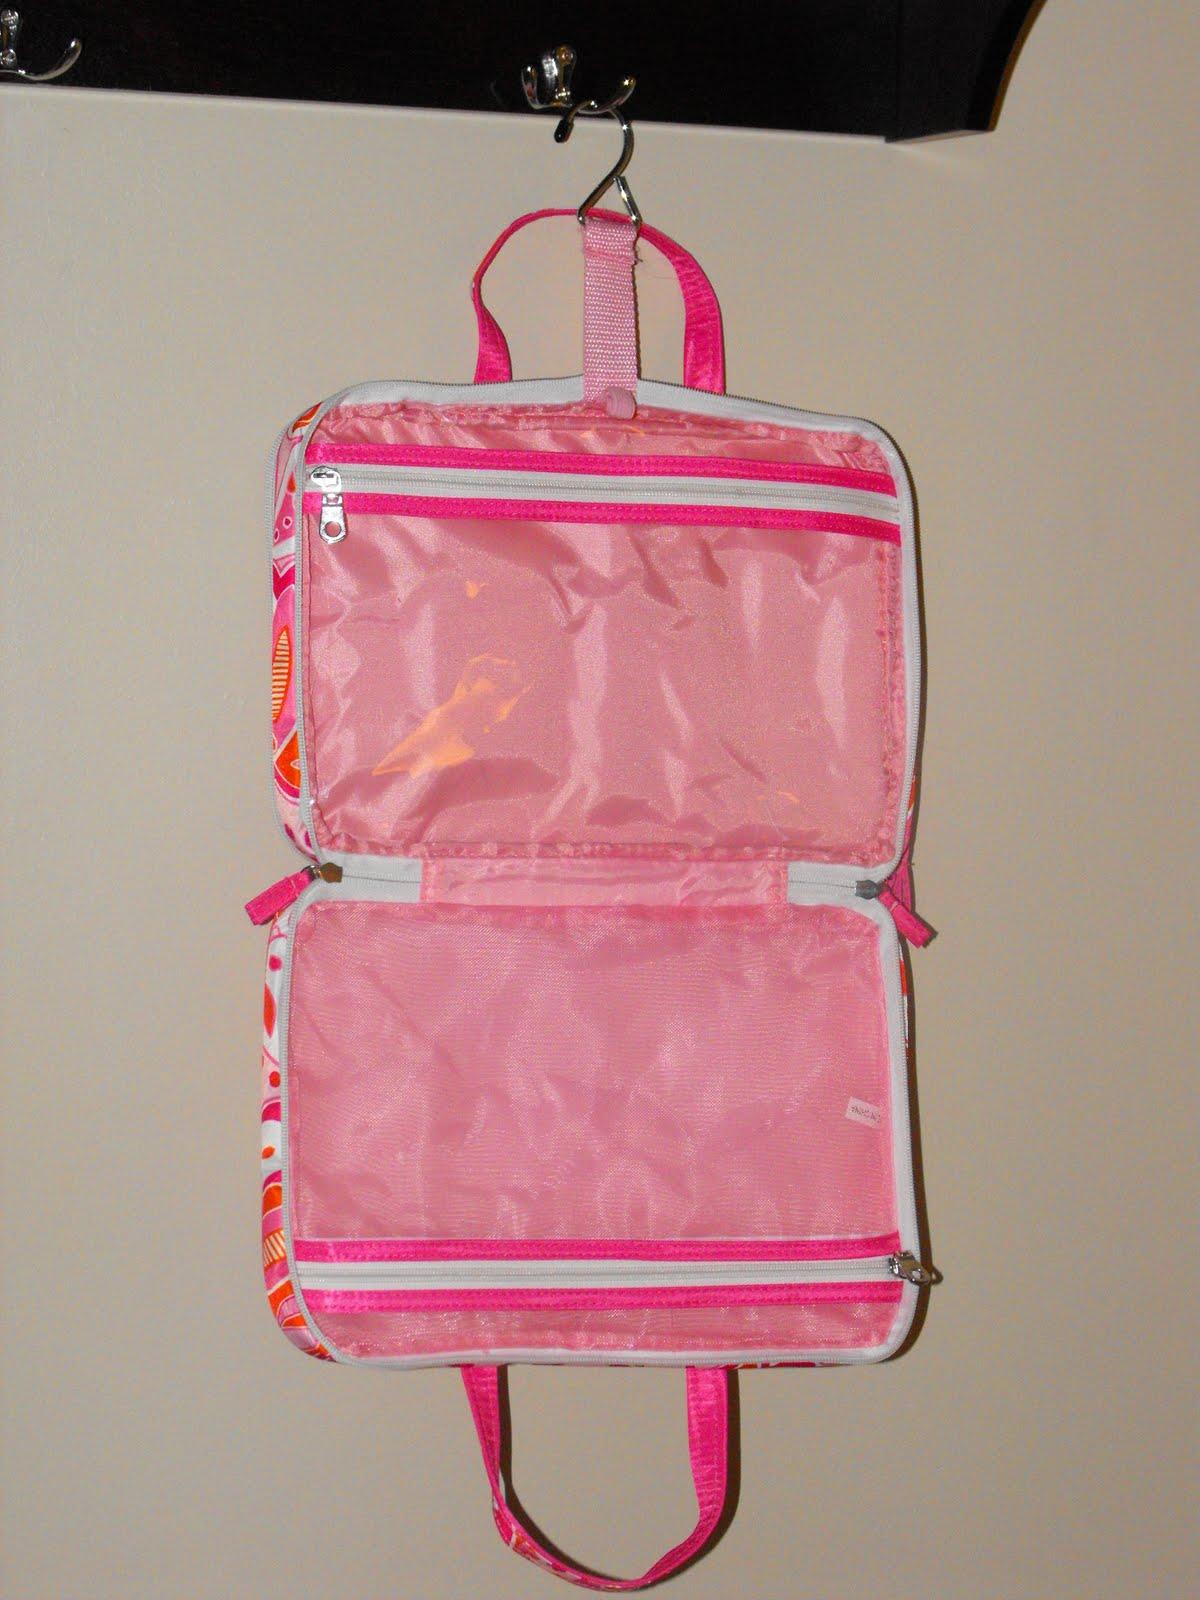 Prada Toiletry Bag